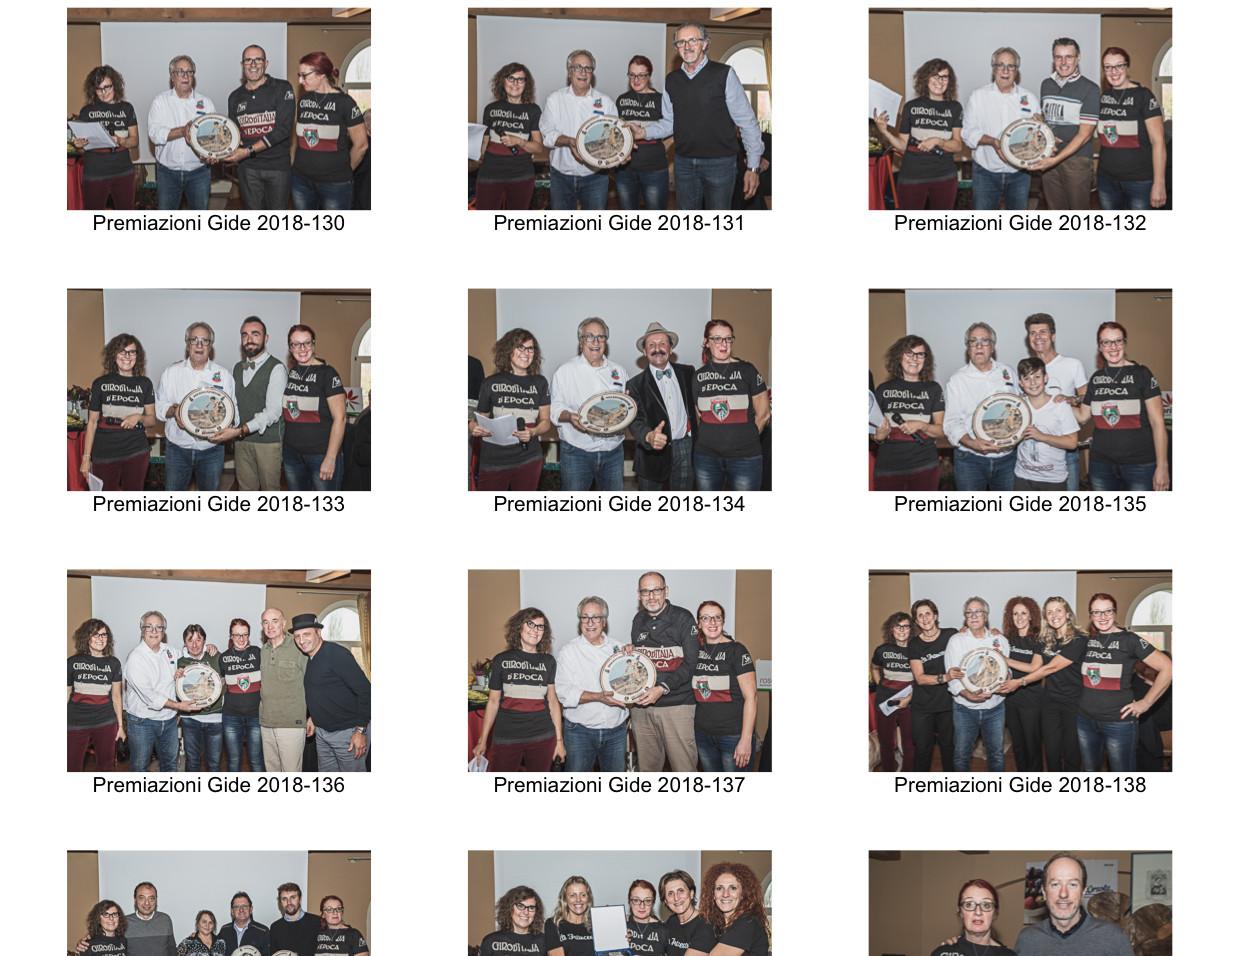 Premiazioni Gide-08.jpg